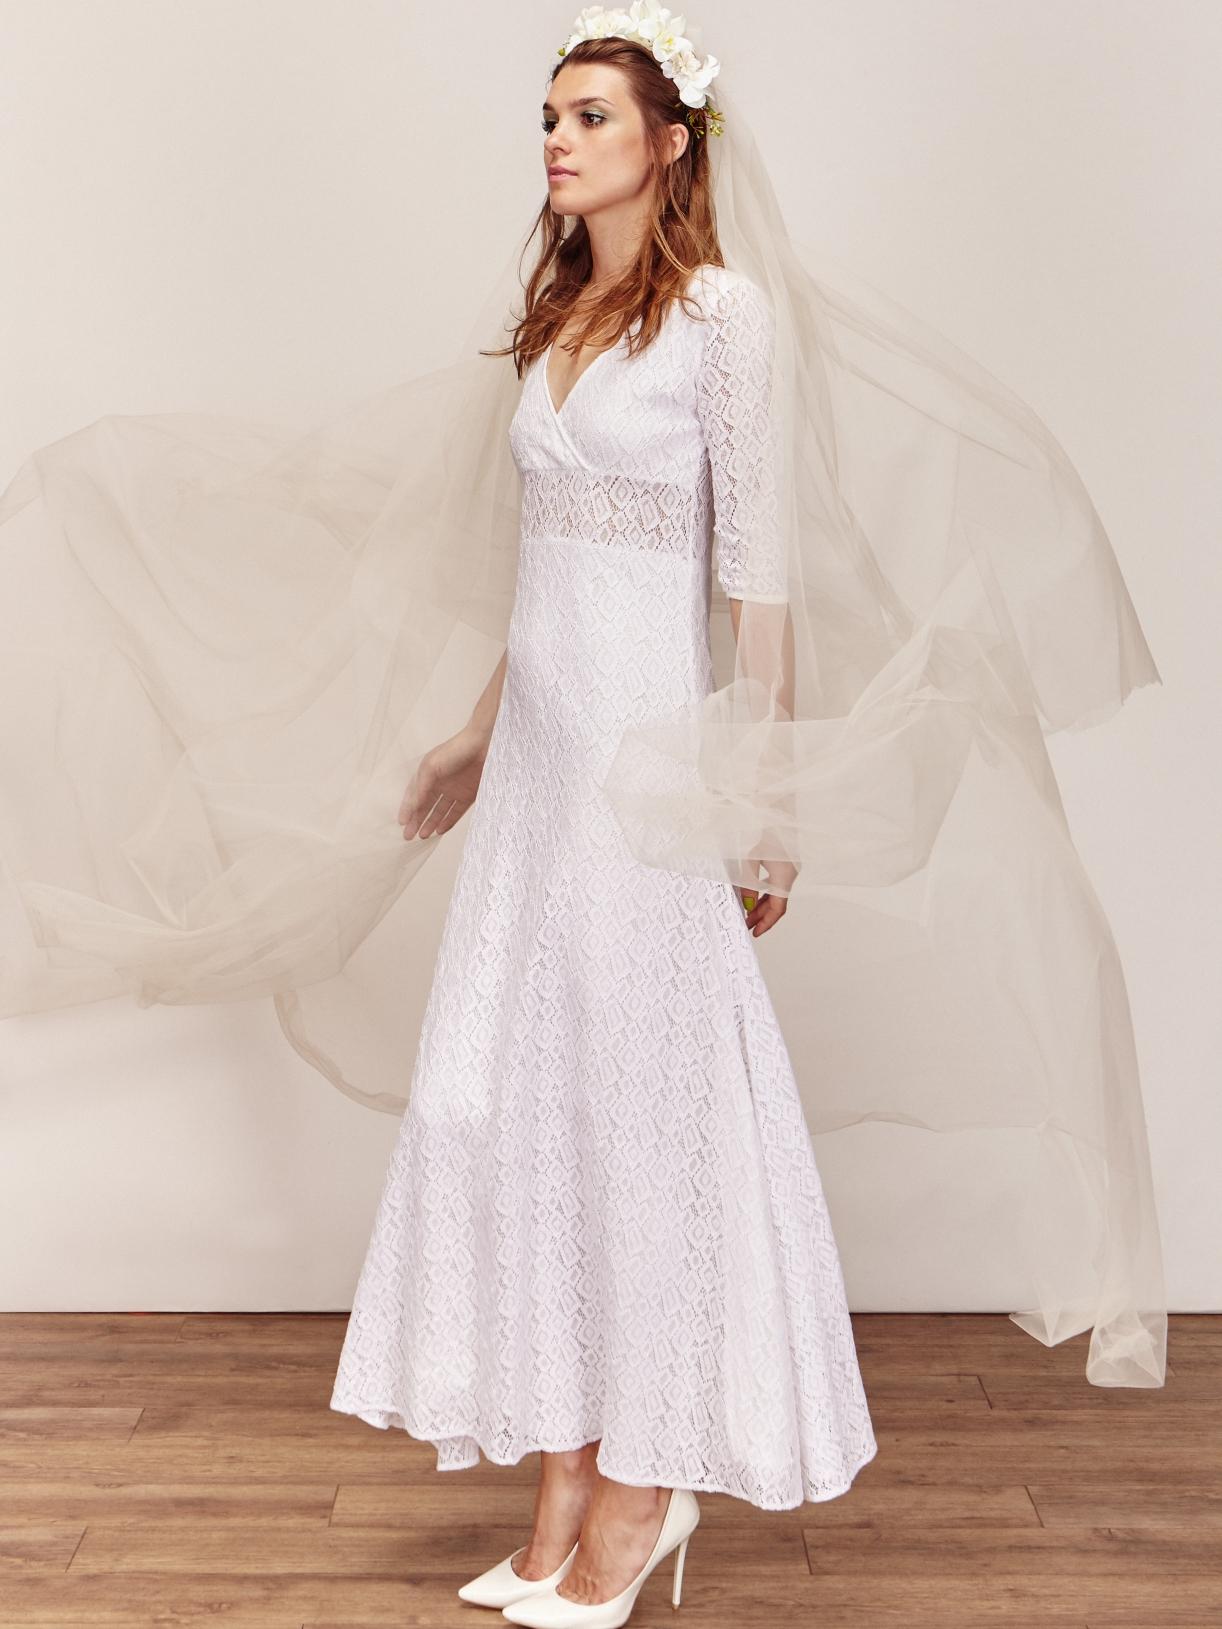 VALENTINA - Robe de mariée créateur et sur-mesure pas cher a Paris - Myphilosophy